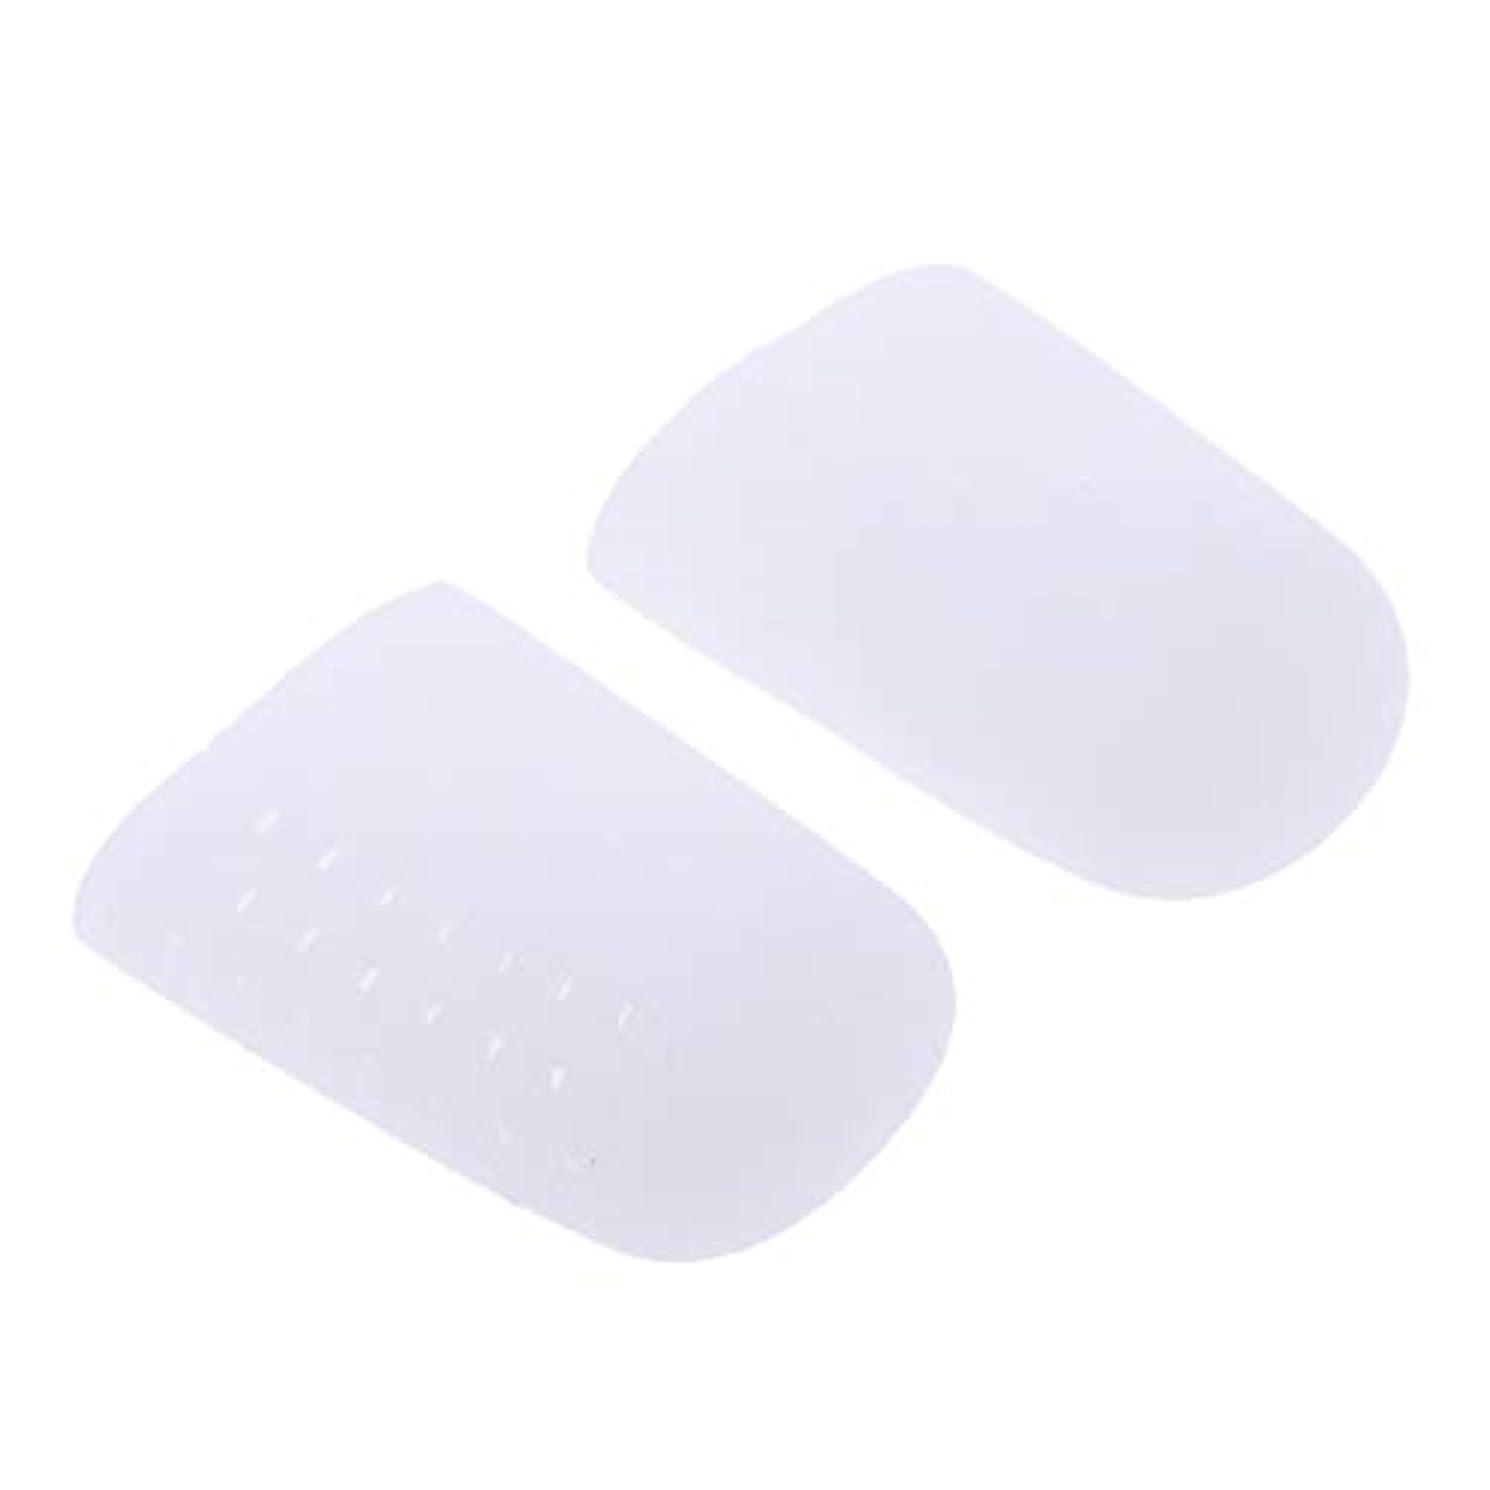 合わせて入場料尊敬するdailymall 足指保護キャップ つま先プロテクター つめ保護キャップ シリコン つま先カバー 滑り止め 全2色 - 白